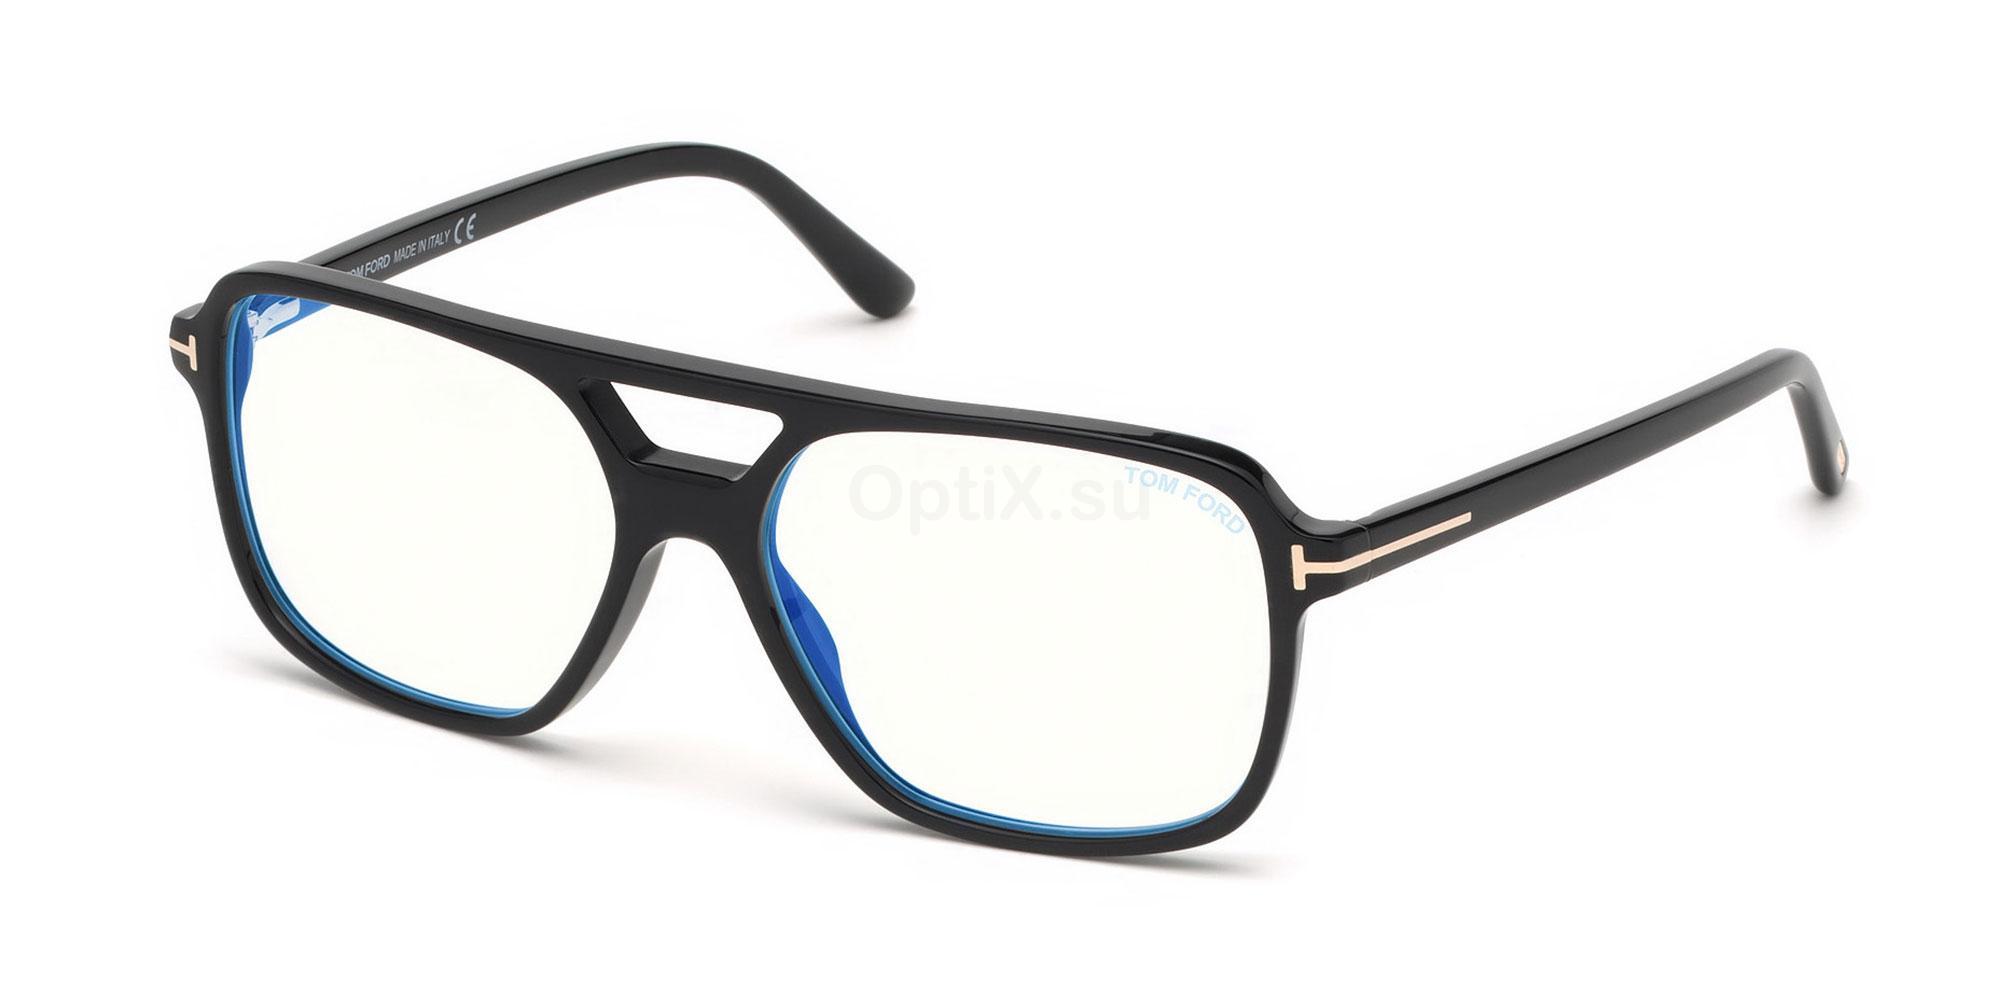 001 FT5585-B Glasses, Tom Ford